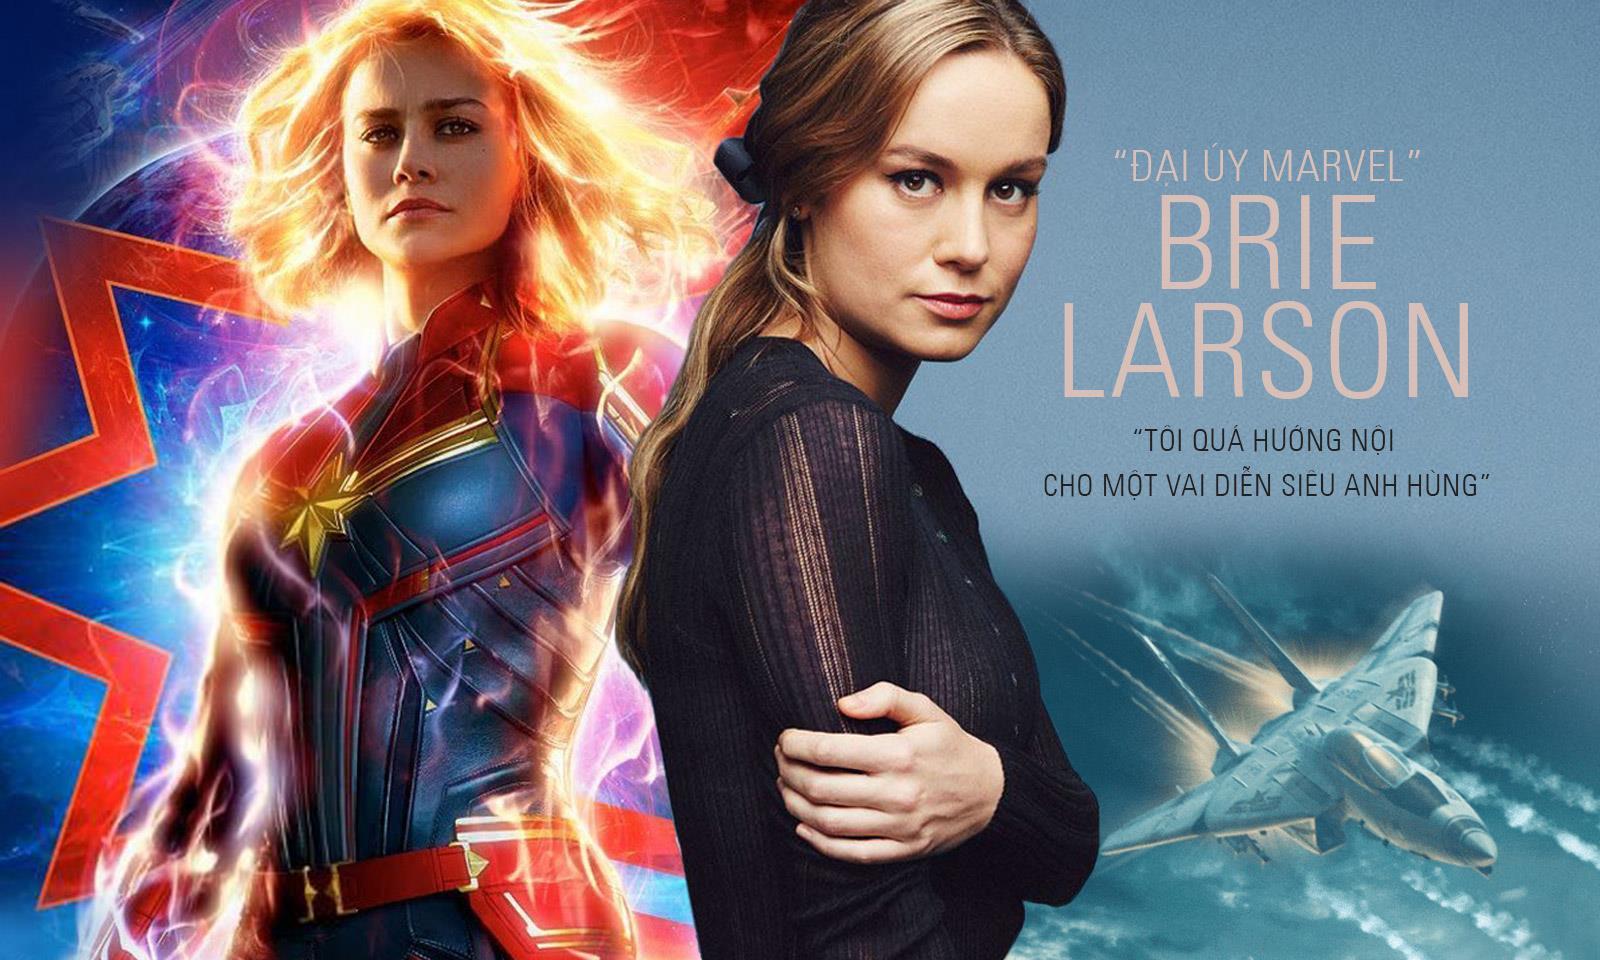 """""""Đại úy Marvel"""" Brie Larson: """"Tôi quá hướng nội cho một vai diễn siêu anh hùng"""""""